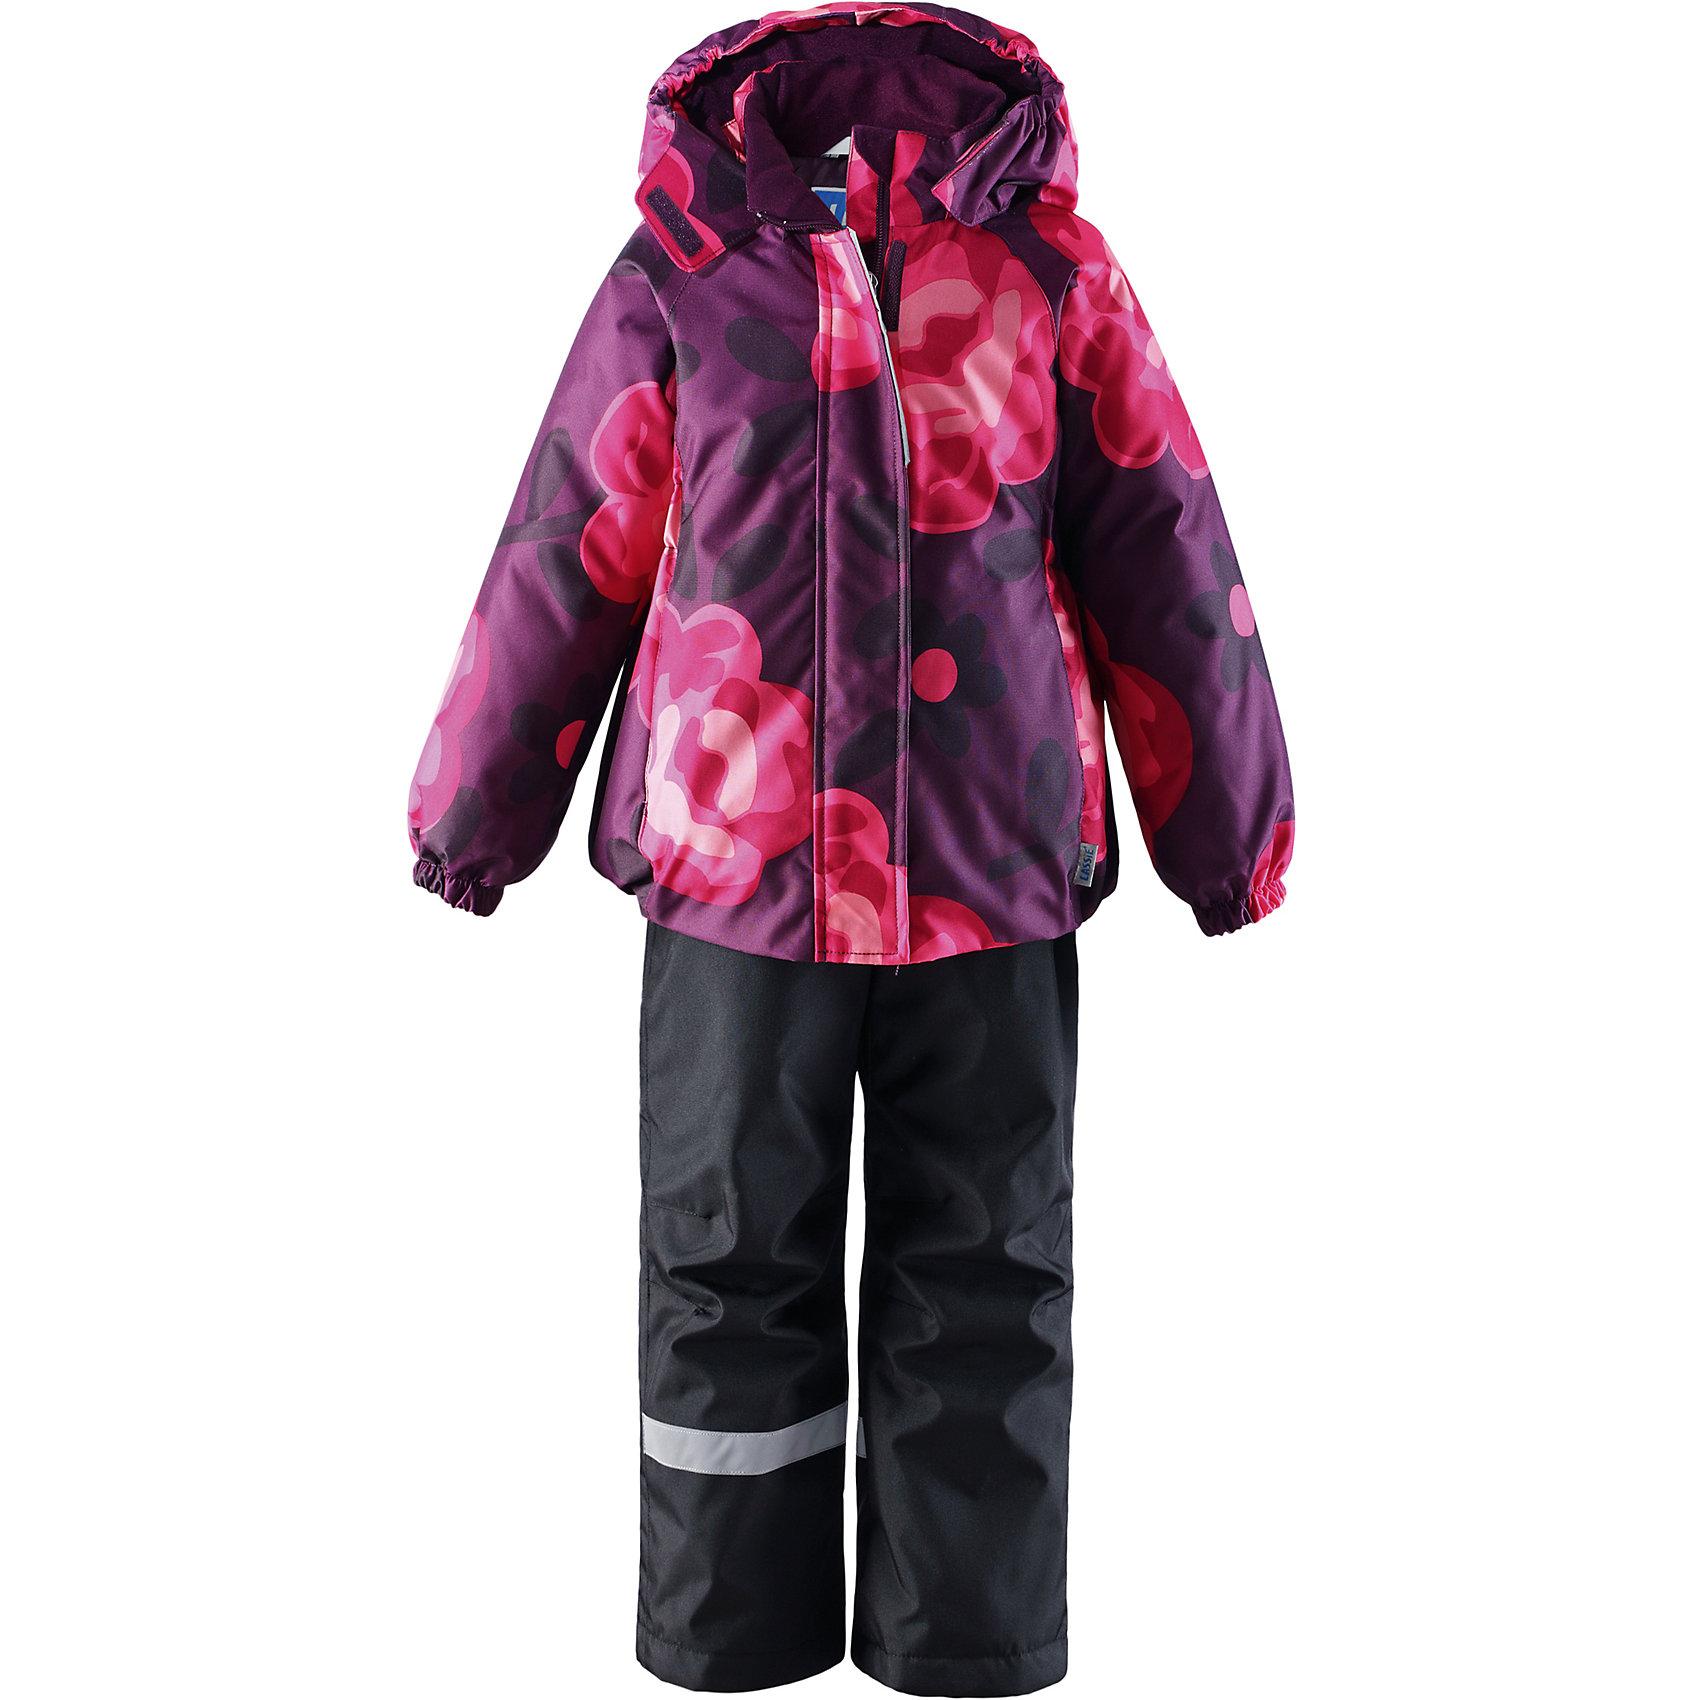 Комплект для девочки LASSIEОдежда<br>Зимний комплект для детей известной финской марки.<br><br>-  Прочный материал. Водоотталкивающий, ветронепроницаемый, «дышащий» и грязеотталкивающий материал.<br>-  Задний серединный шов брюк проклеен.<br>-  Гладкая подкладка из полиэстра.<br>-  Средняя степень утепления. <br>- Безопасный, съемный капюшон.<br>-  Эластичные манжеты. Эластичная талия. <br>- Регулируемый подол. Снегозащитные манжеты на штанинах. <br>- Ширинка на молнии. Карманы в боковых швах.<br>-  Регулируемые и отстегивающиеся эластичные подтяжки.<br>-  Принт по всей поверхности. <br><br> Рекомендации по уходу: Стирать по отдельности, вывернув наизнанку. Застегнуть молнии и липучки. Соблюдать температуру в соответствии с руководством по уходу. Стирать моющим средством, не содержащим отбеливающие вещества. Полоскать без специального средства. Сушение в сушильном шкафу разрешено при  низкой температуре.<br><br>Состав: 100% Полиамид, полиуретановое покрытие.  Утеплитель «Lassie wadding» 100гр.(брюки); 180гр.(куртка).<br><br>Ширина мм: 190<br>Глубина мм: 74<br>Высота мм: 229<br>Вес г: 236<br>Цвет: фиолетовый<br>Возраст от месяцев: 24<br>Возраст до месяцев: 36<br>Пол: Женский<br>Возраст: Детский<br>Размер: 98,140,92,104,110,116,122,128,134<br>SKU: 4782188